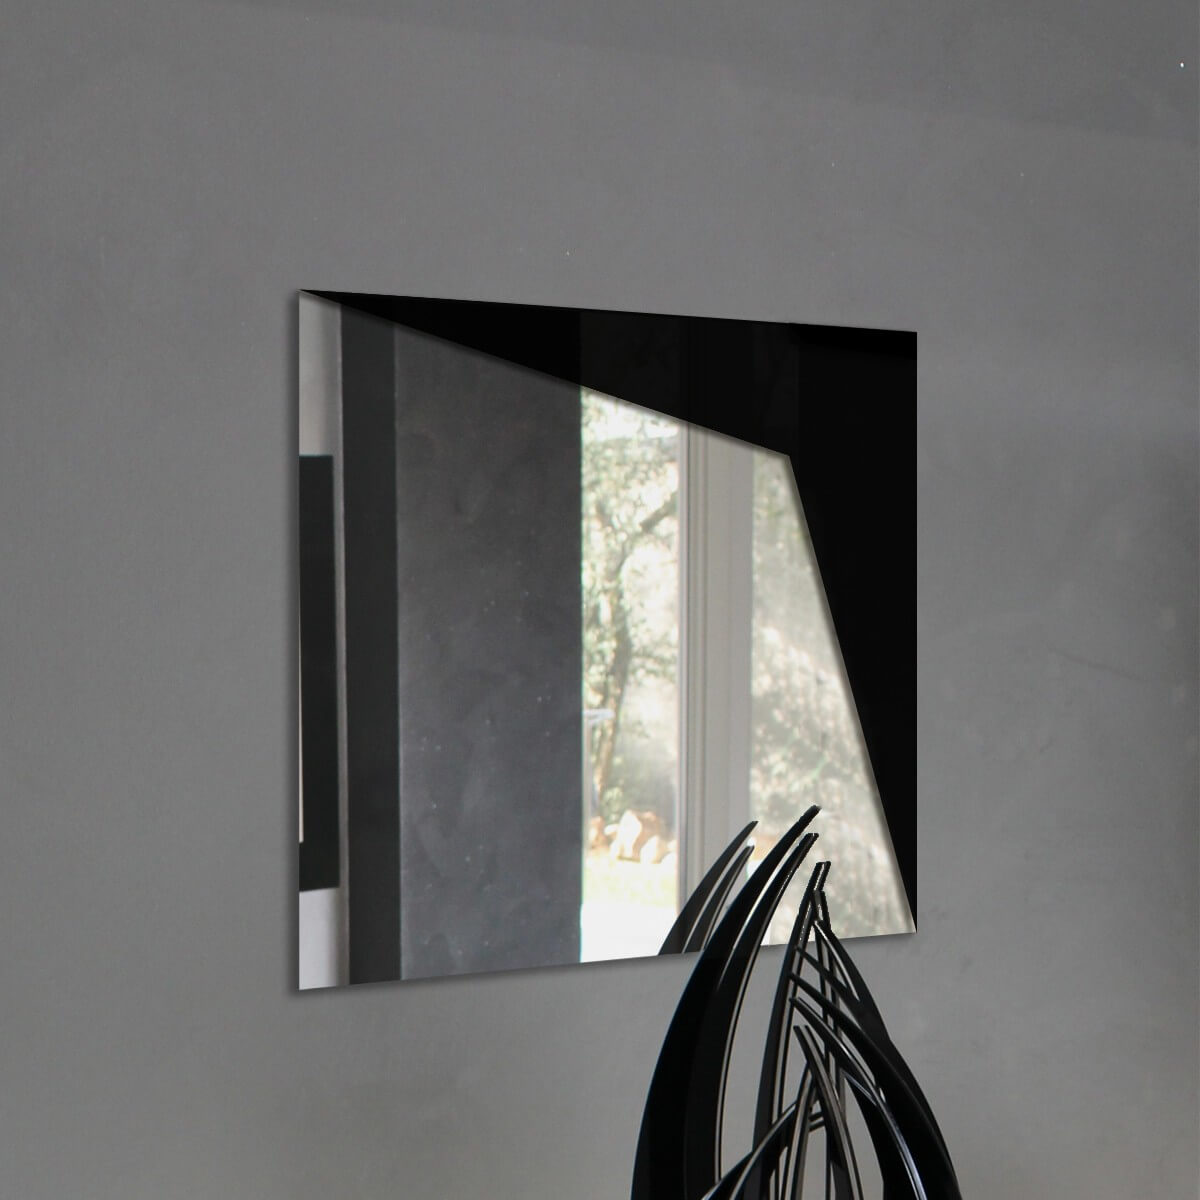 Specchio da parete moderno - Angolo